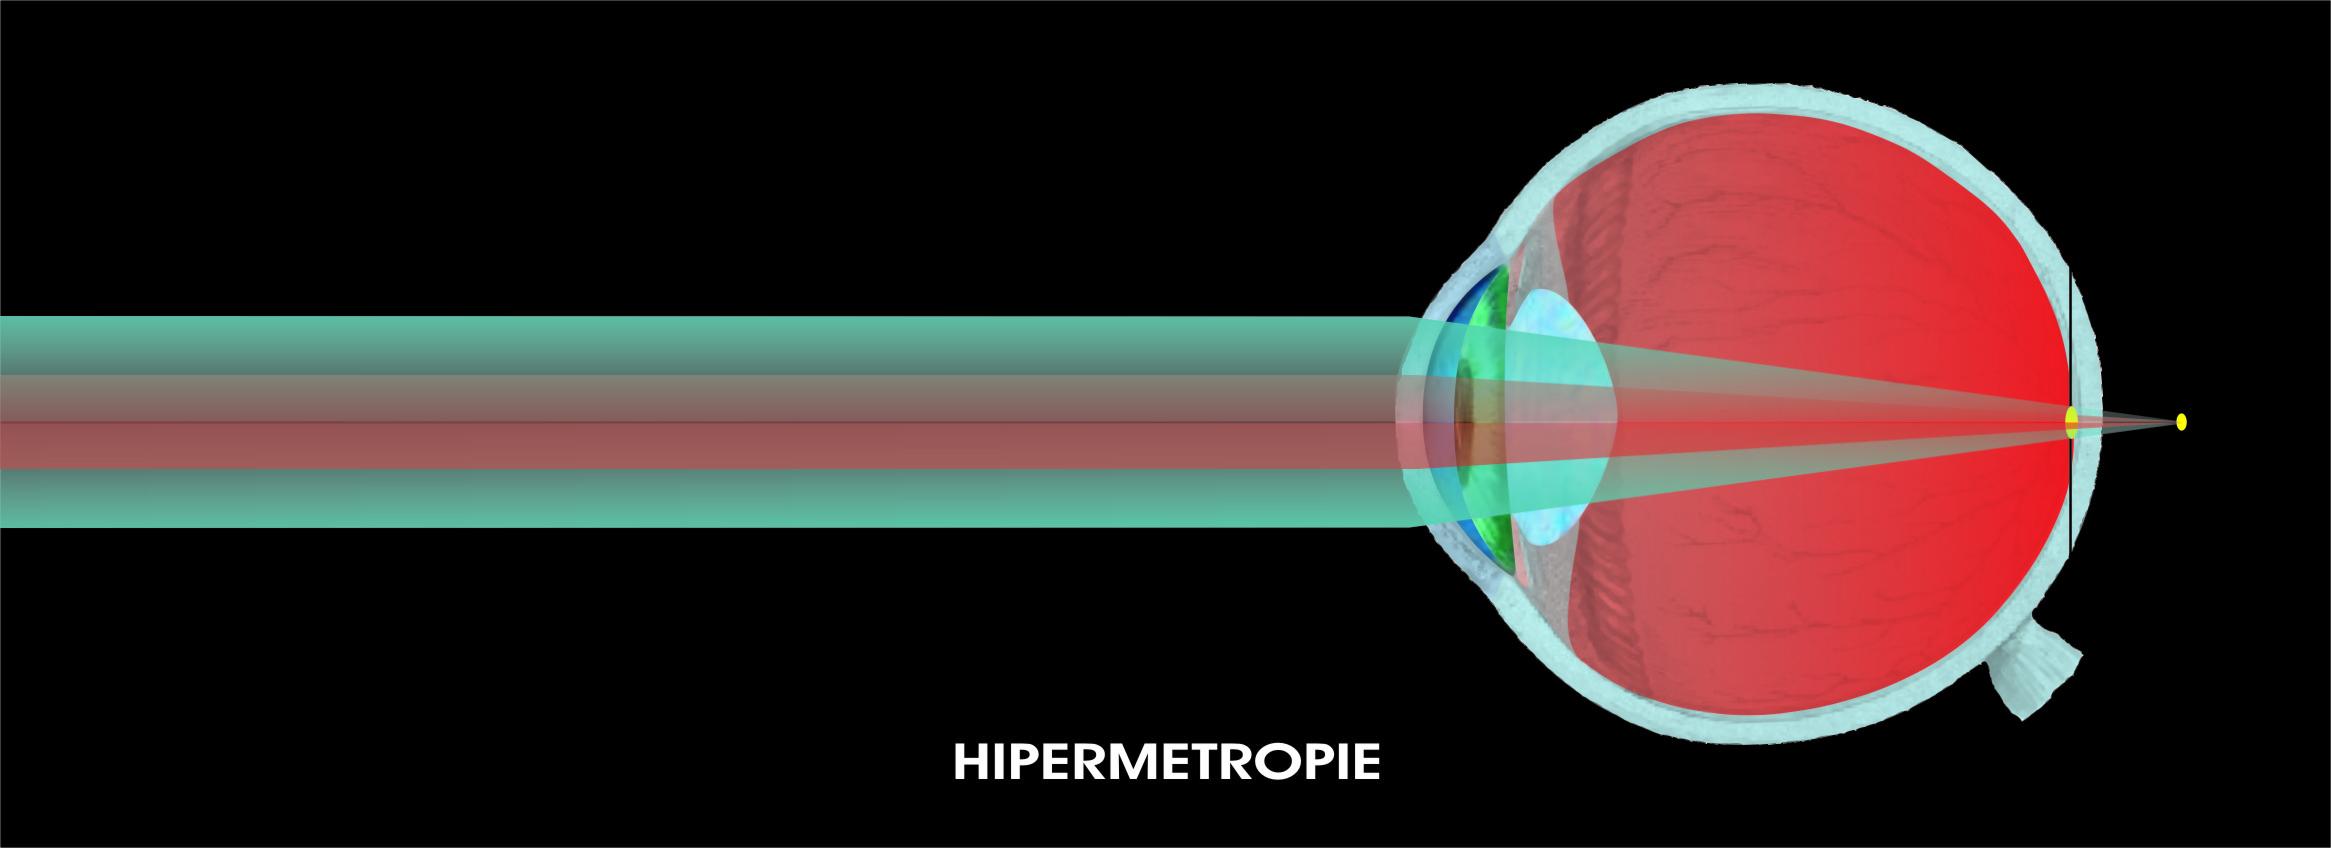 hipermetropie de formare a ochilor o viziune bună înseamnă